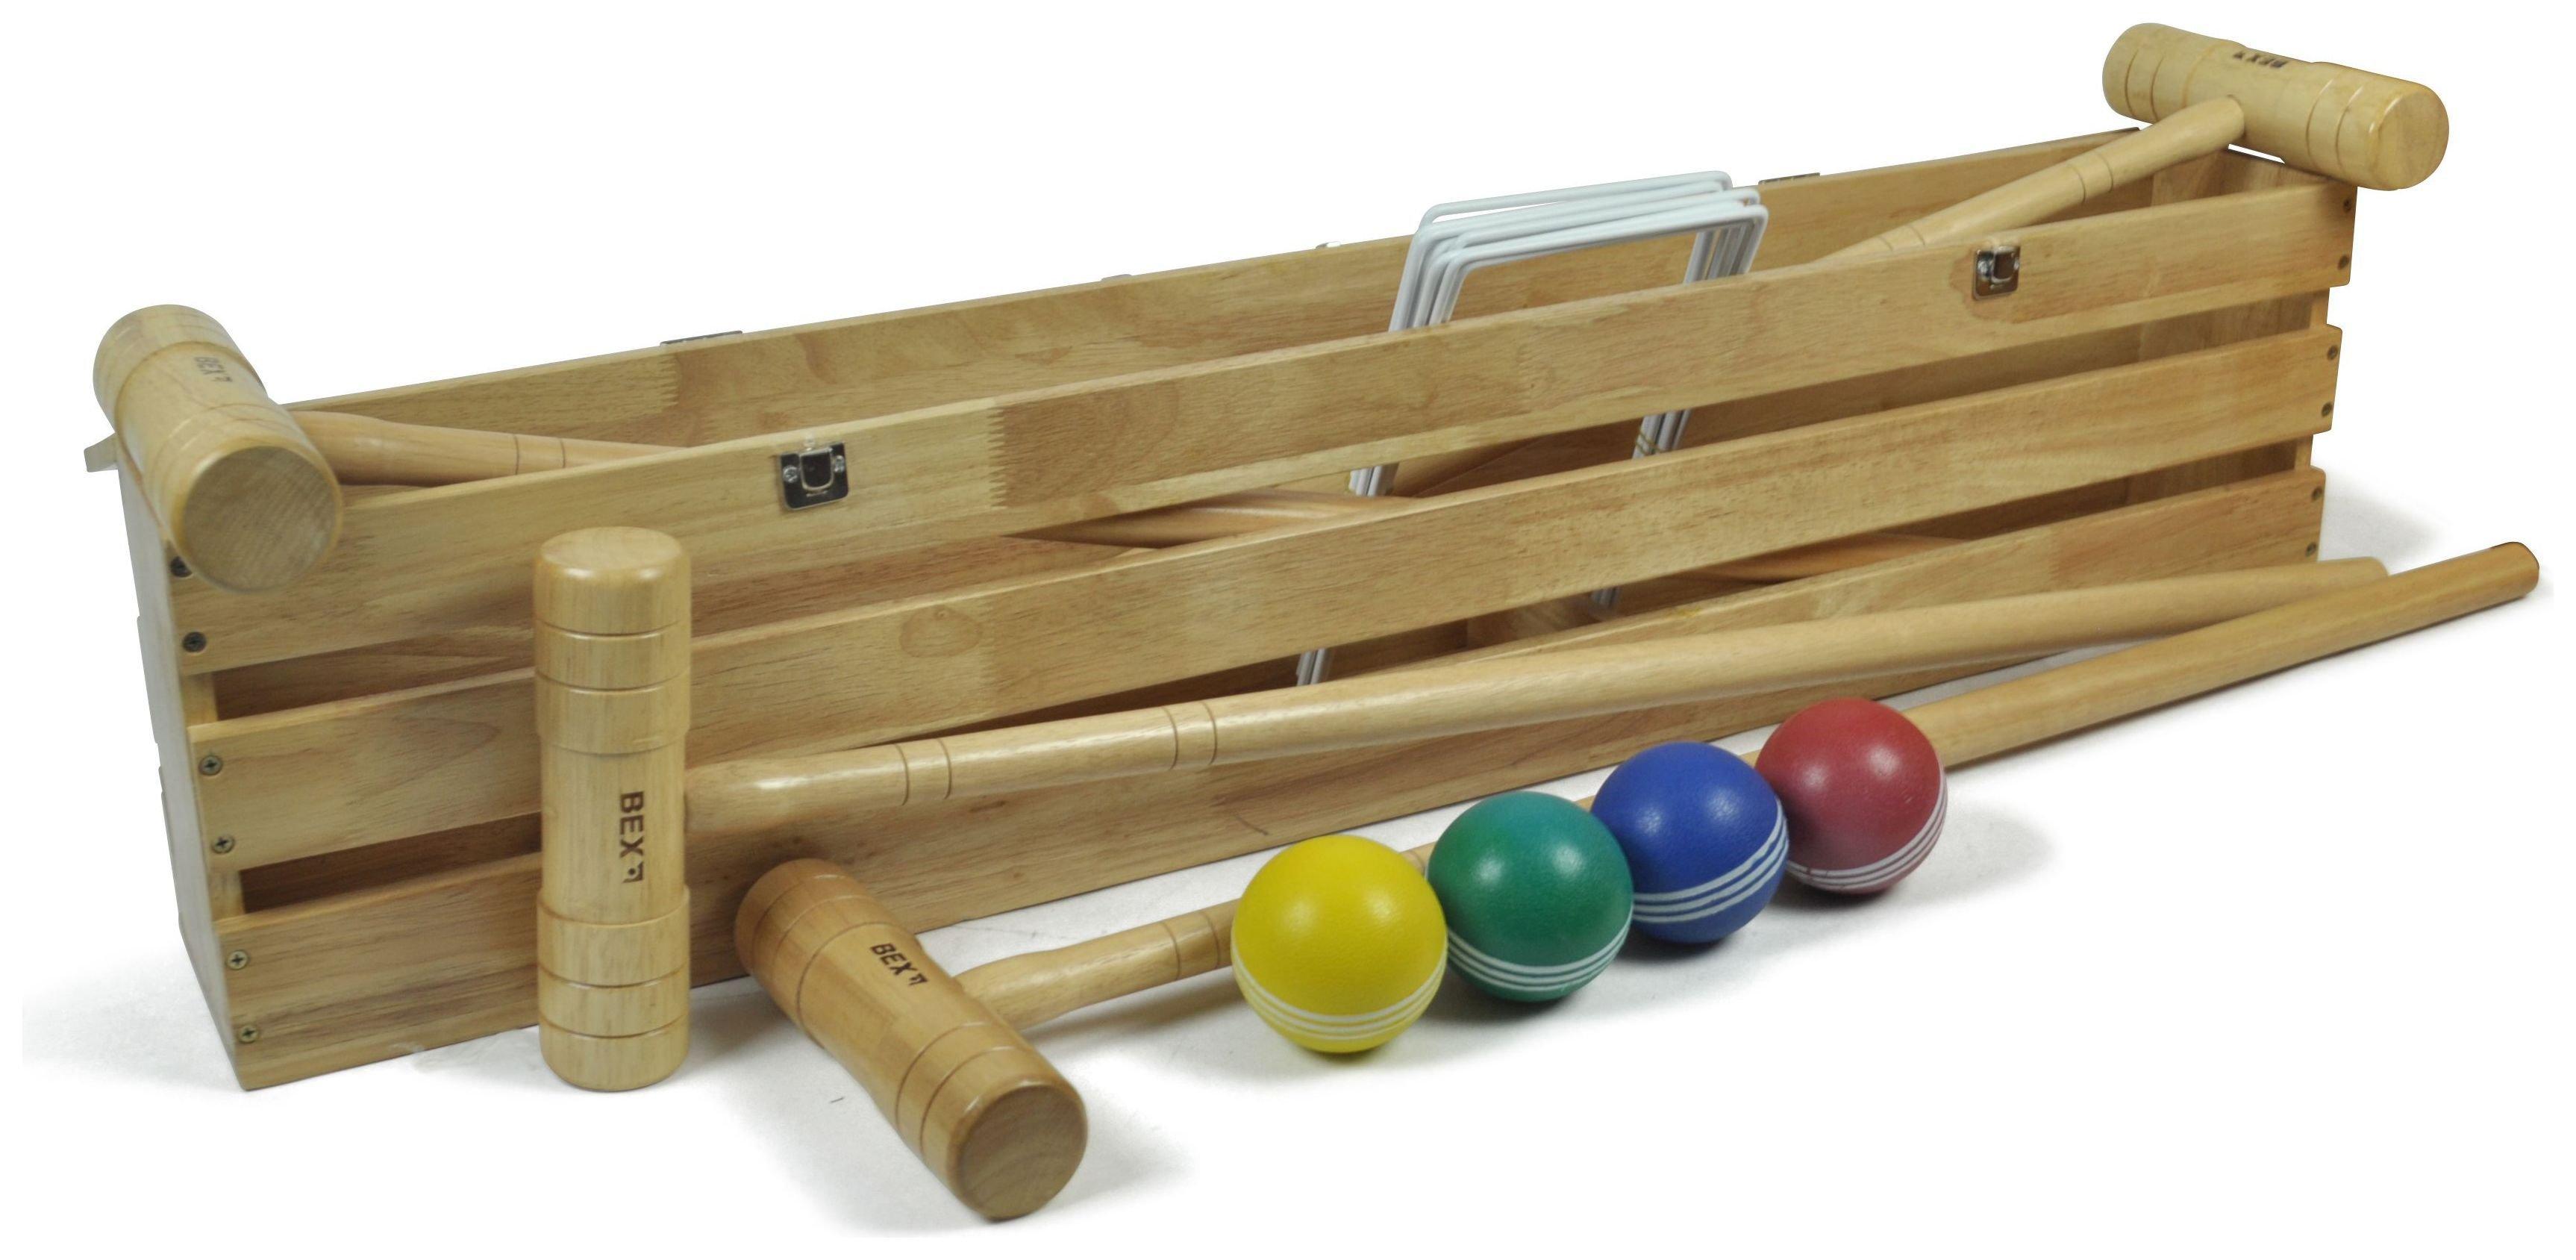 Image of Bex Croquet Set in Wooden Box.